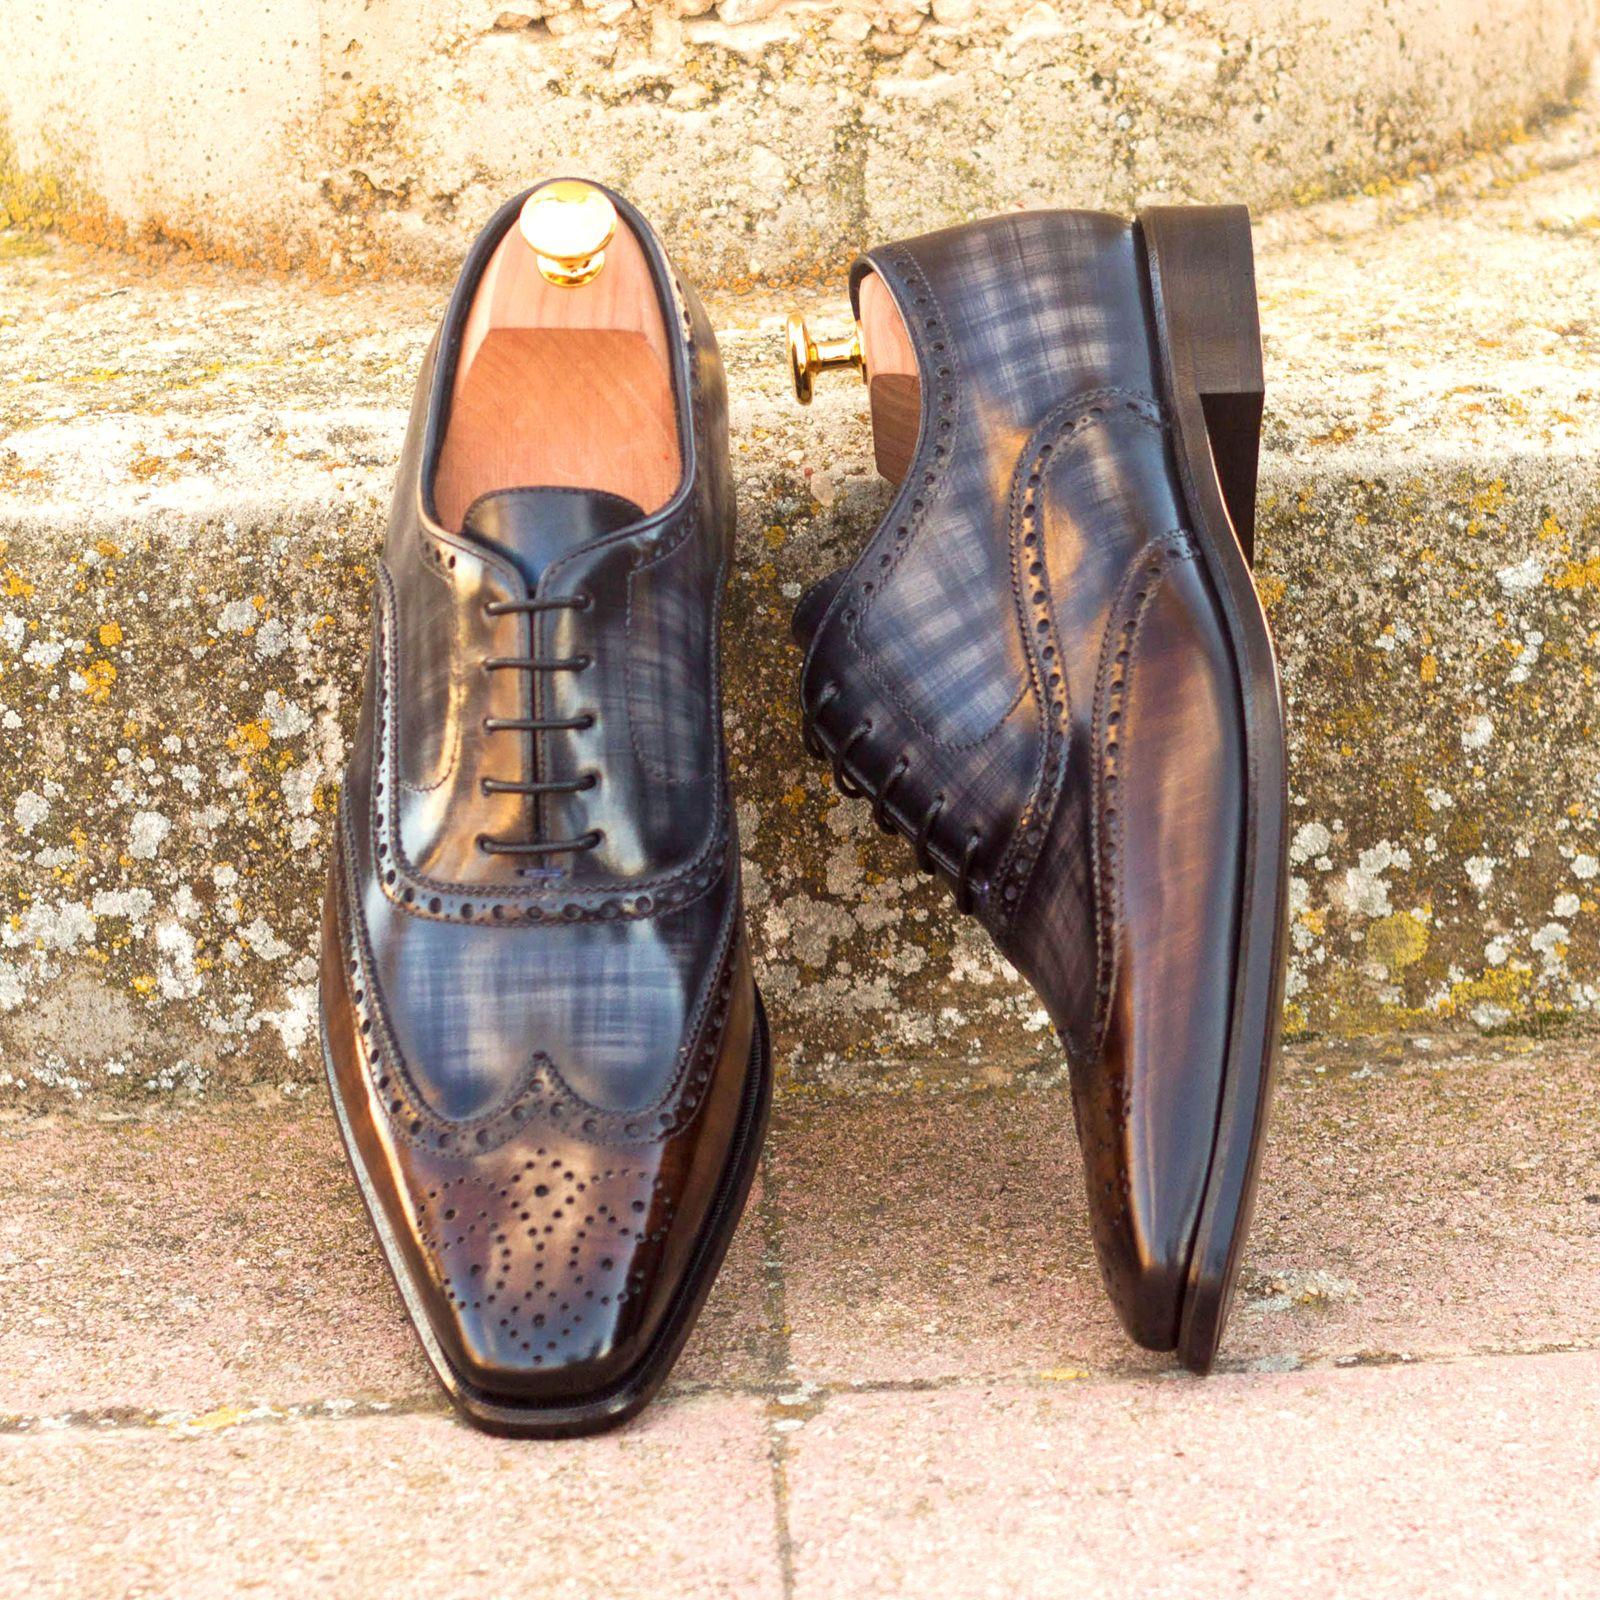 Comment bien entretenir ses chaussures en cuir?